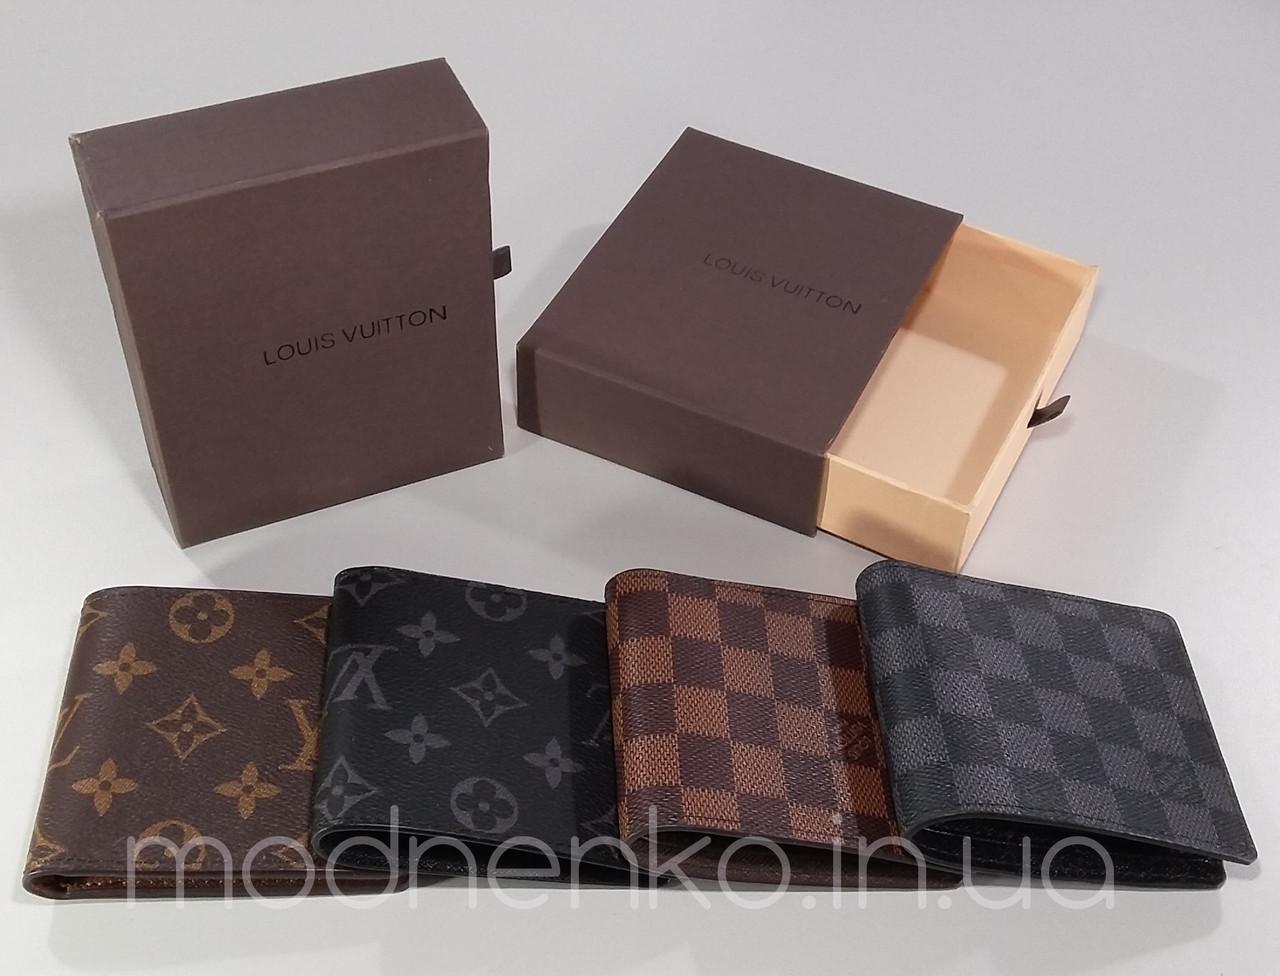 Кошелек портмоне Louis Vuitton (канва)  продажа, цена в Харькове ... b53c940275f